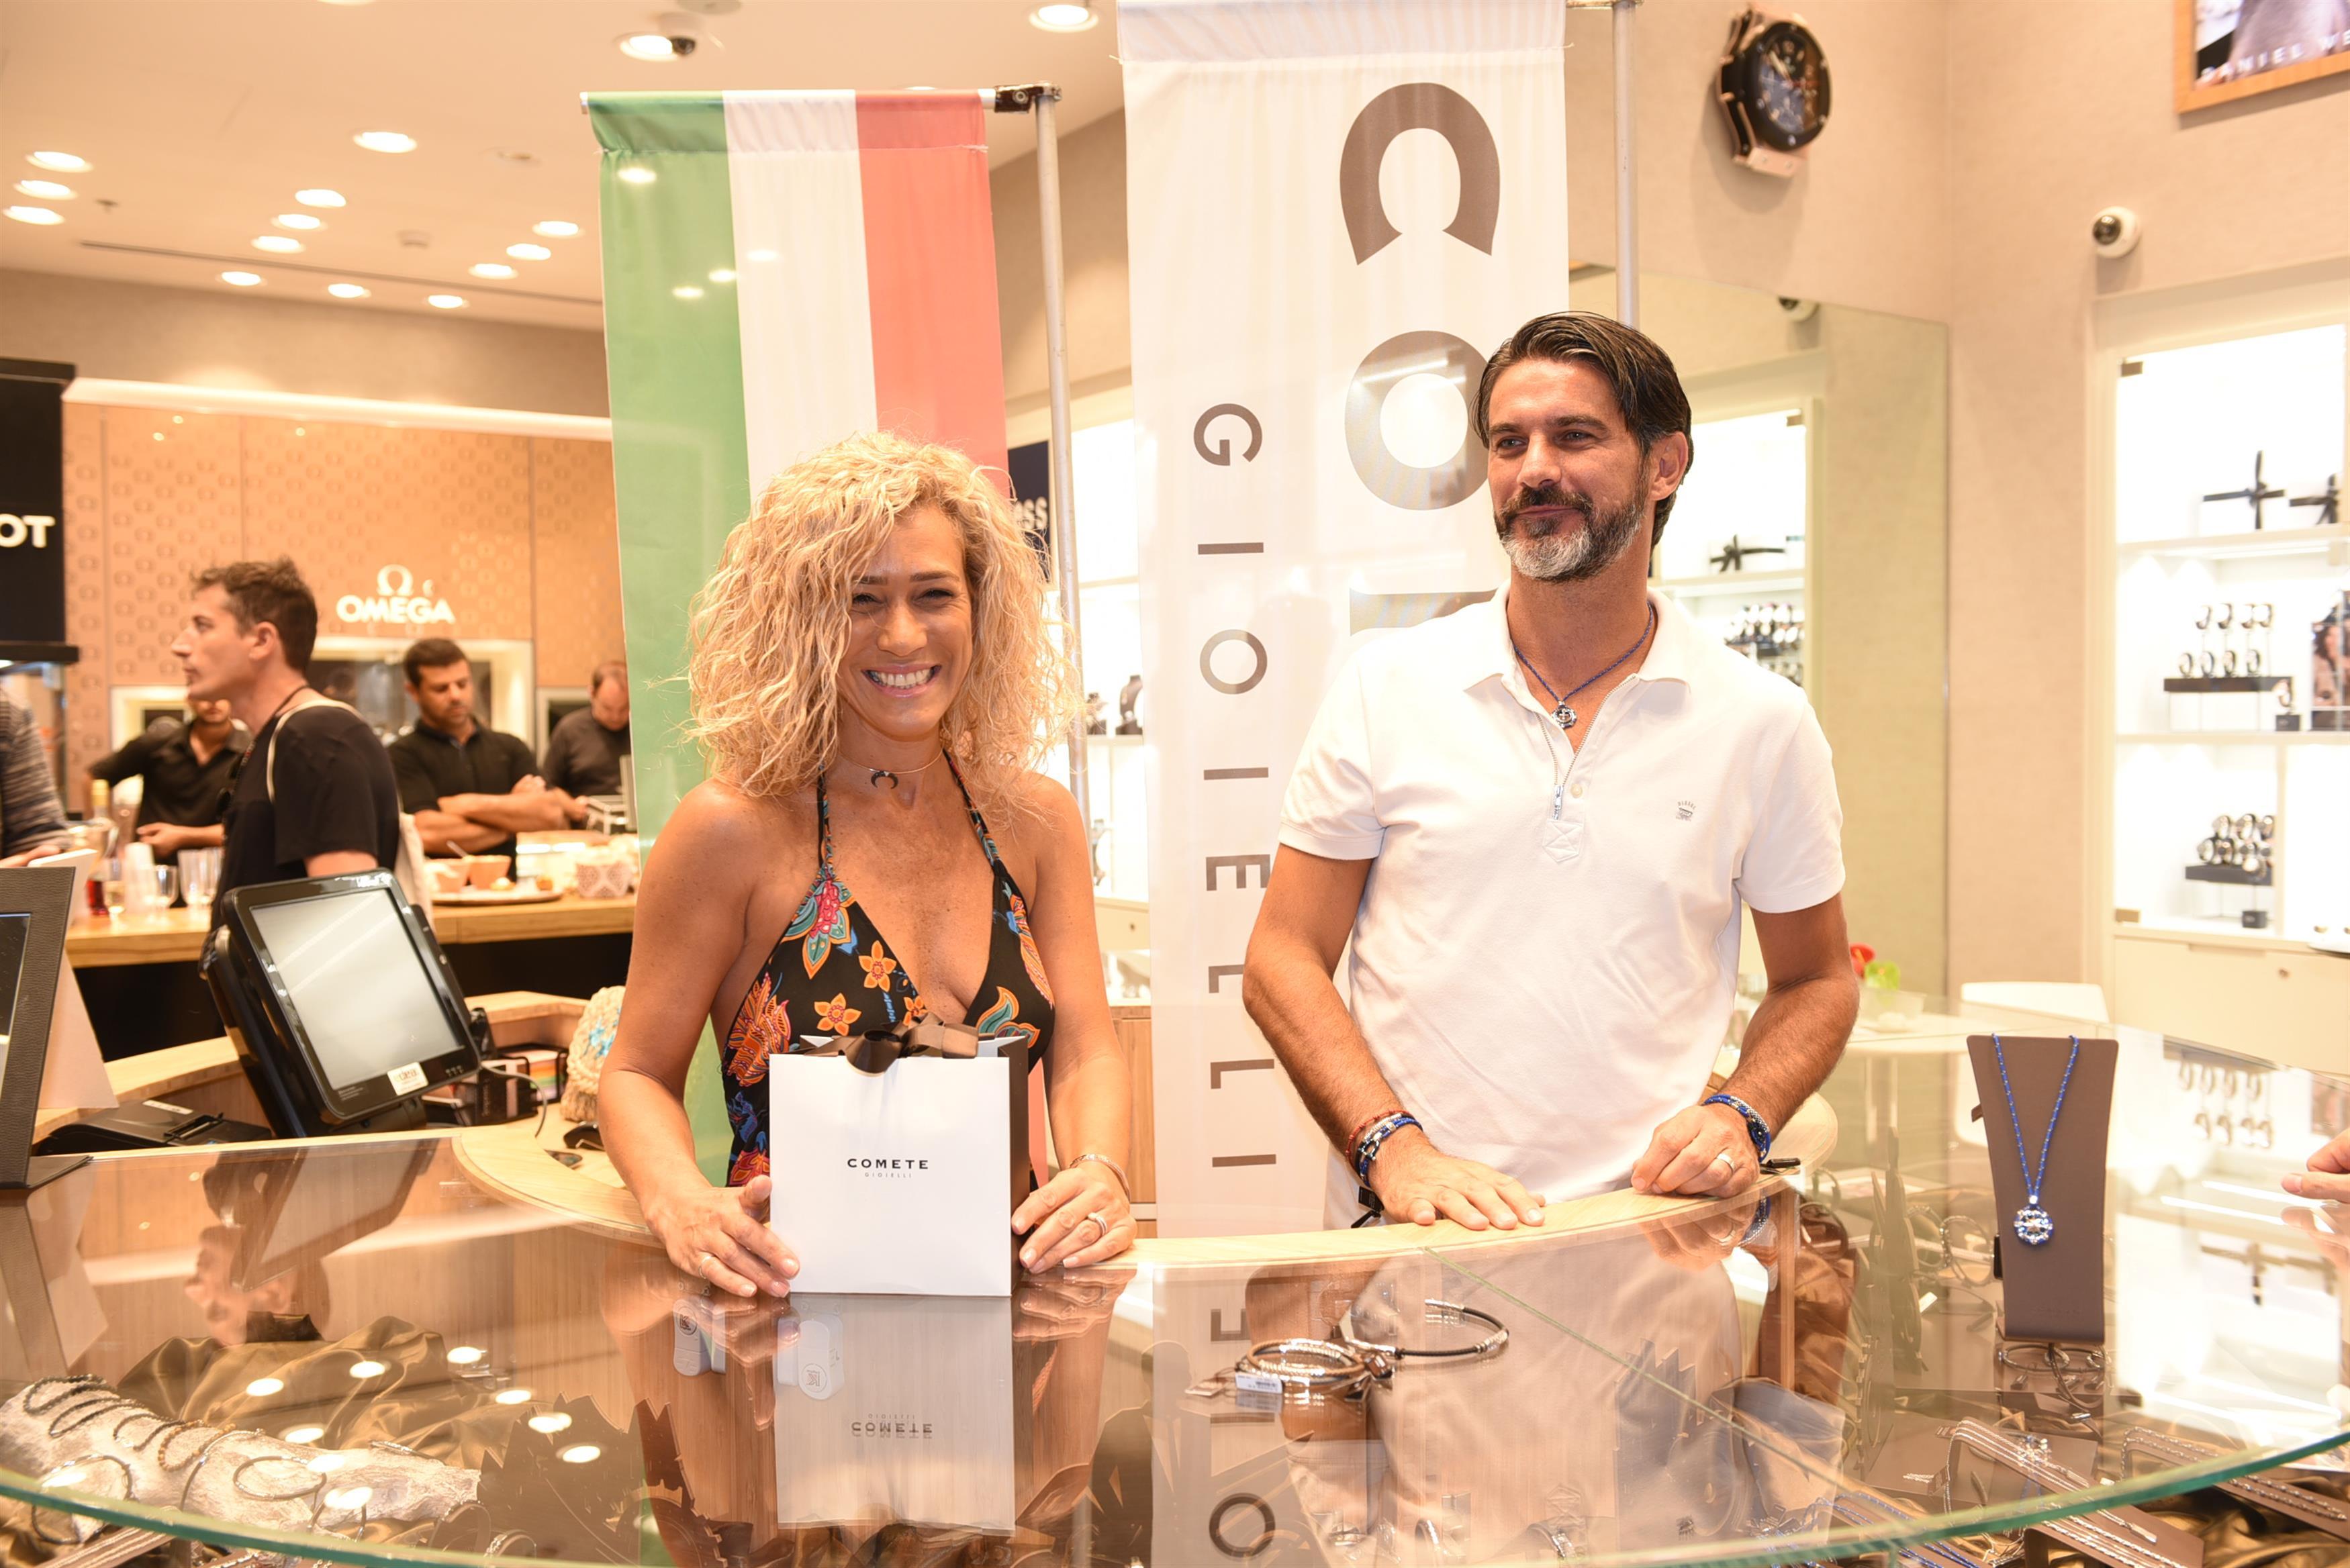 זוג מנצח... ג'ובני רוסו והאישה שלצידו בהשקת מותג תכשיטי הגברים האיטלקי Comete צלם - אלעד גוטמן